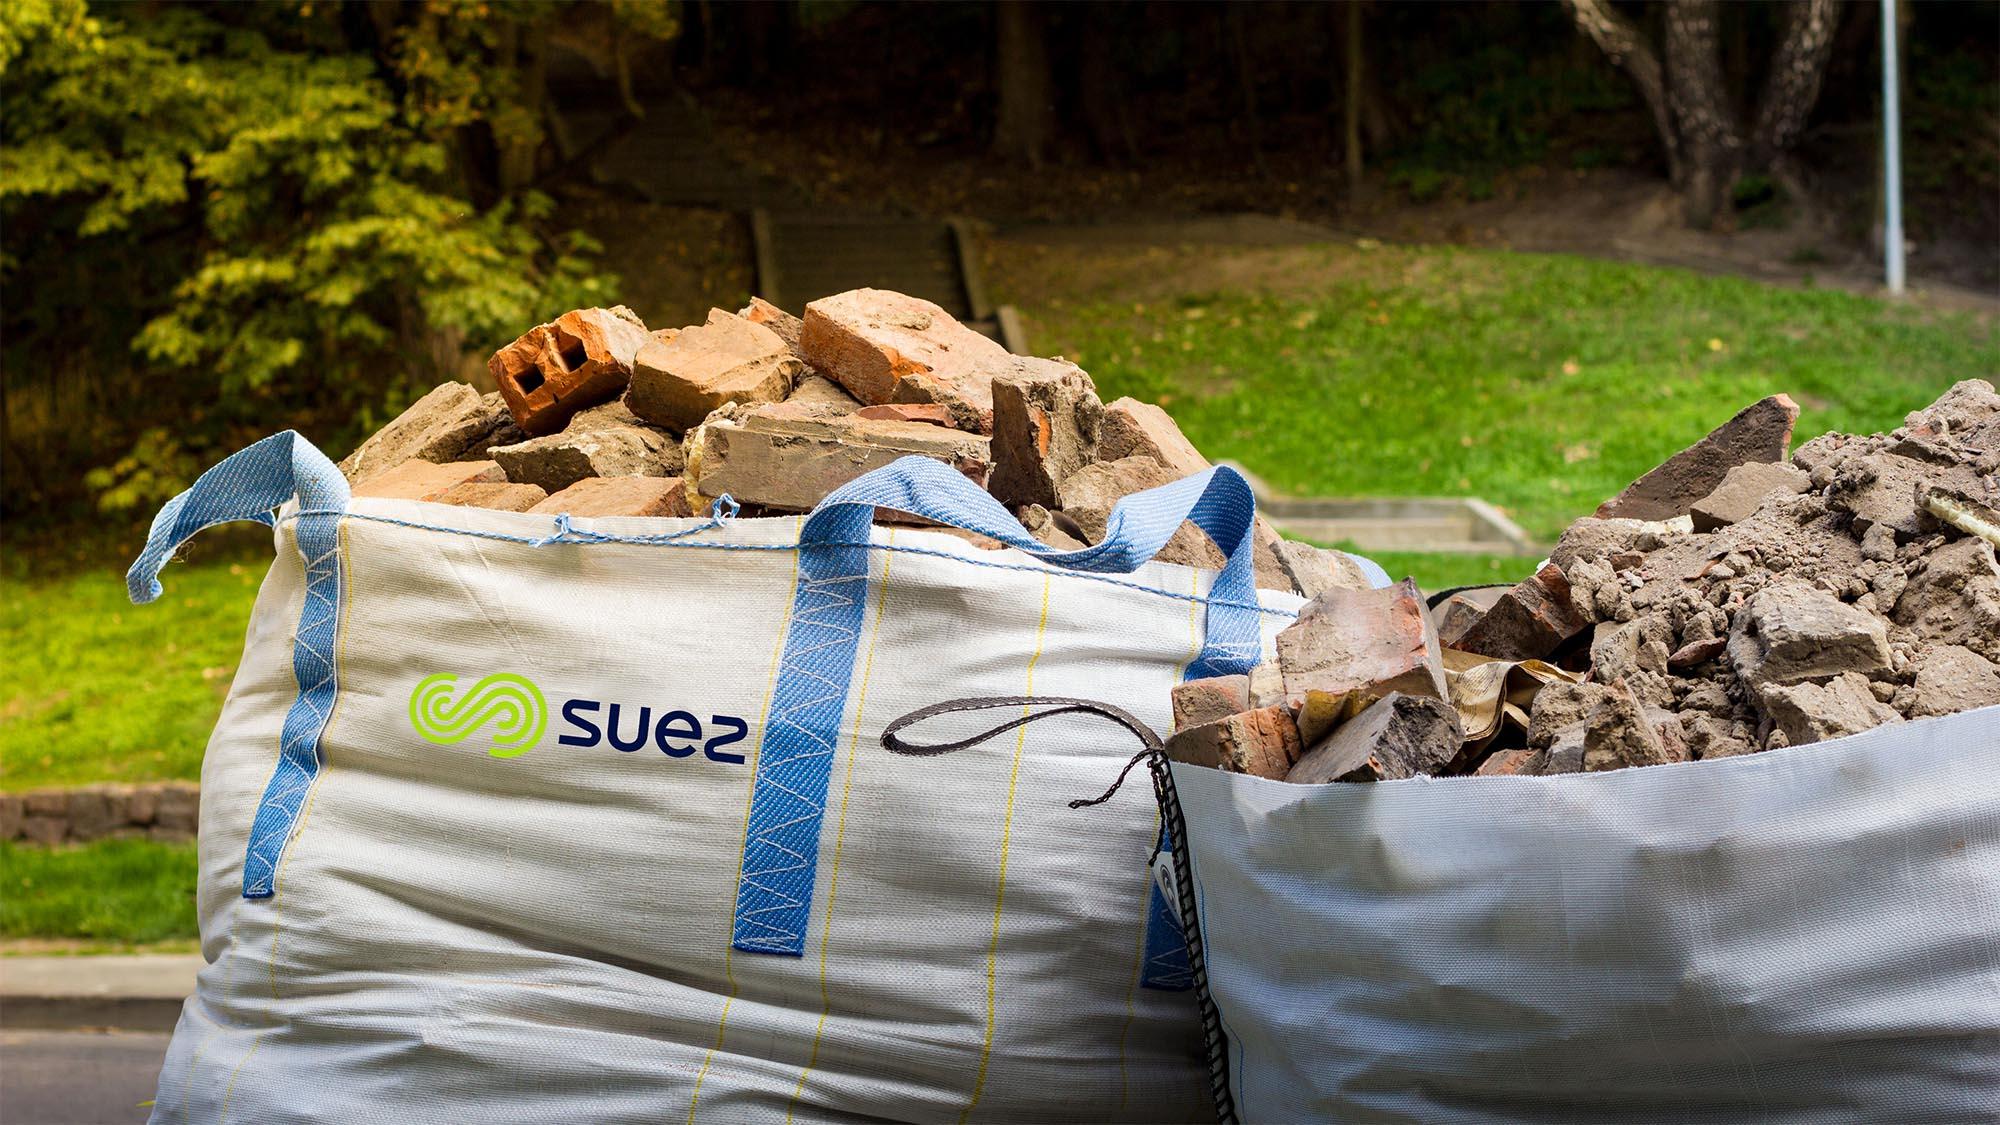 big bag suez